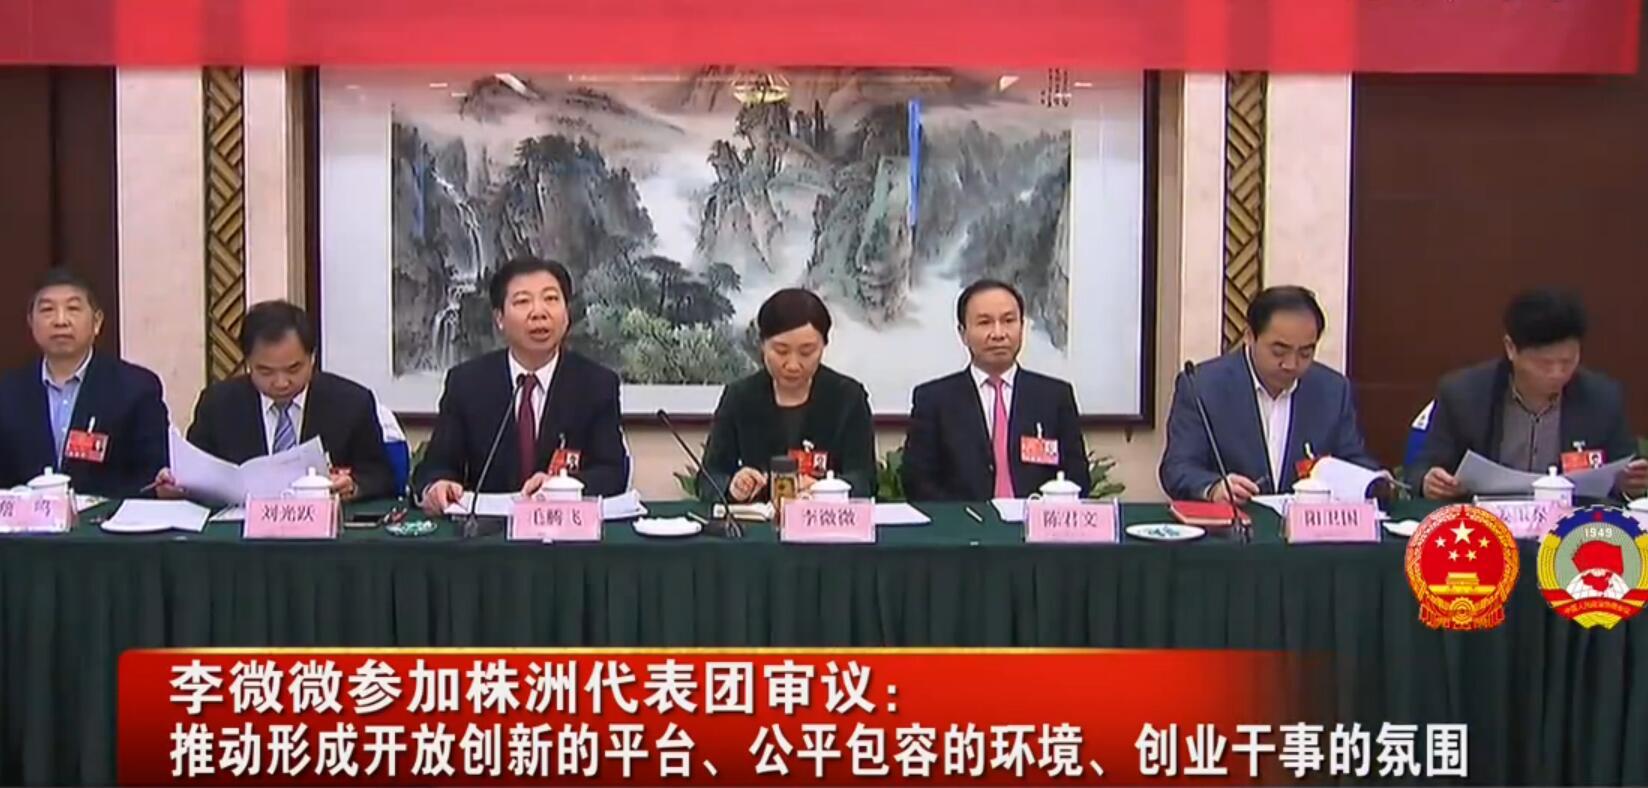 李微微参加株洲代表团审议